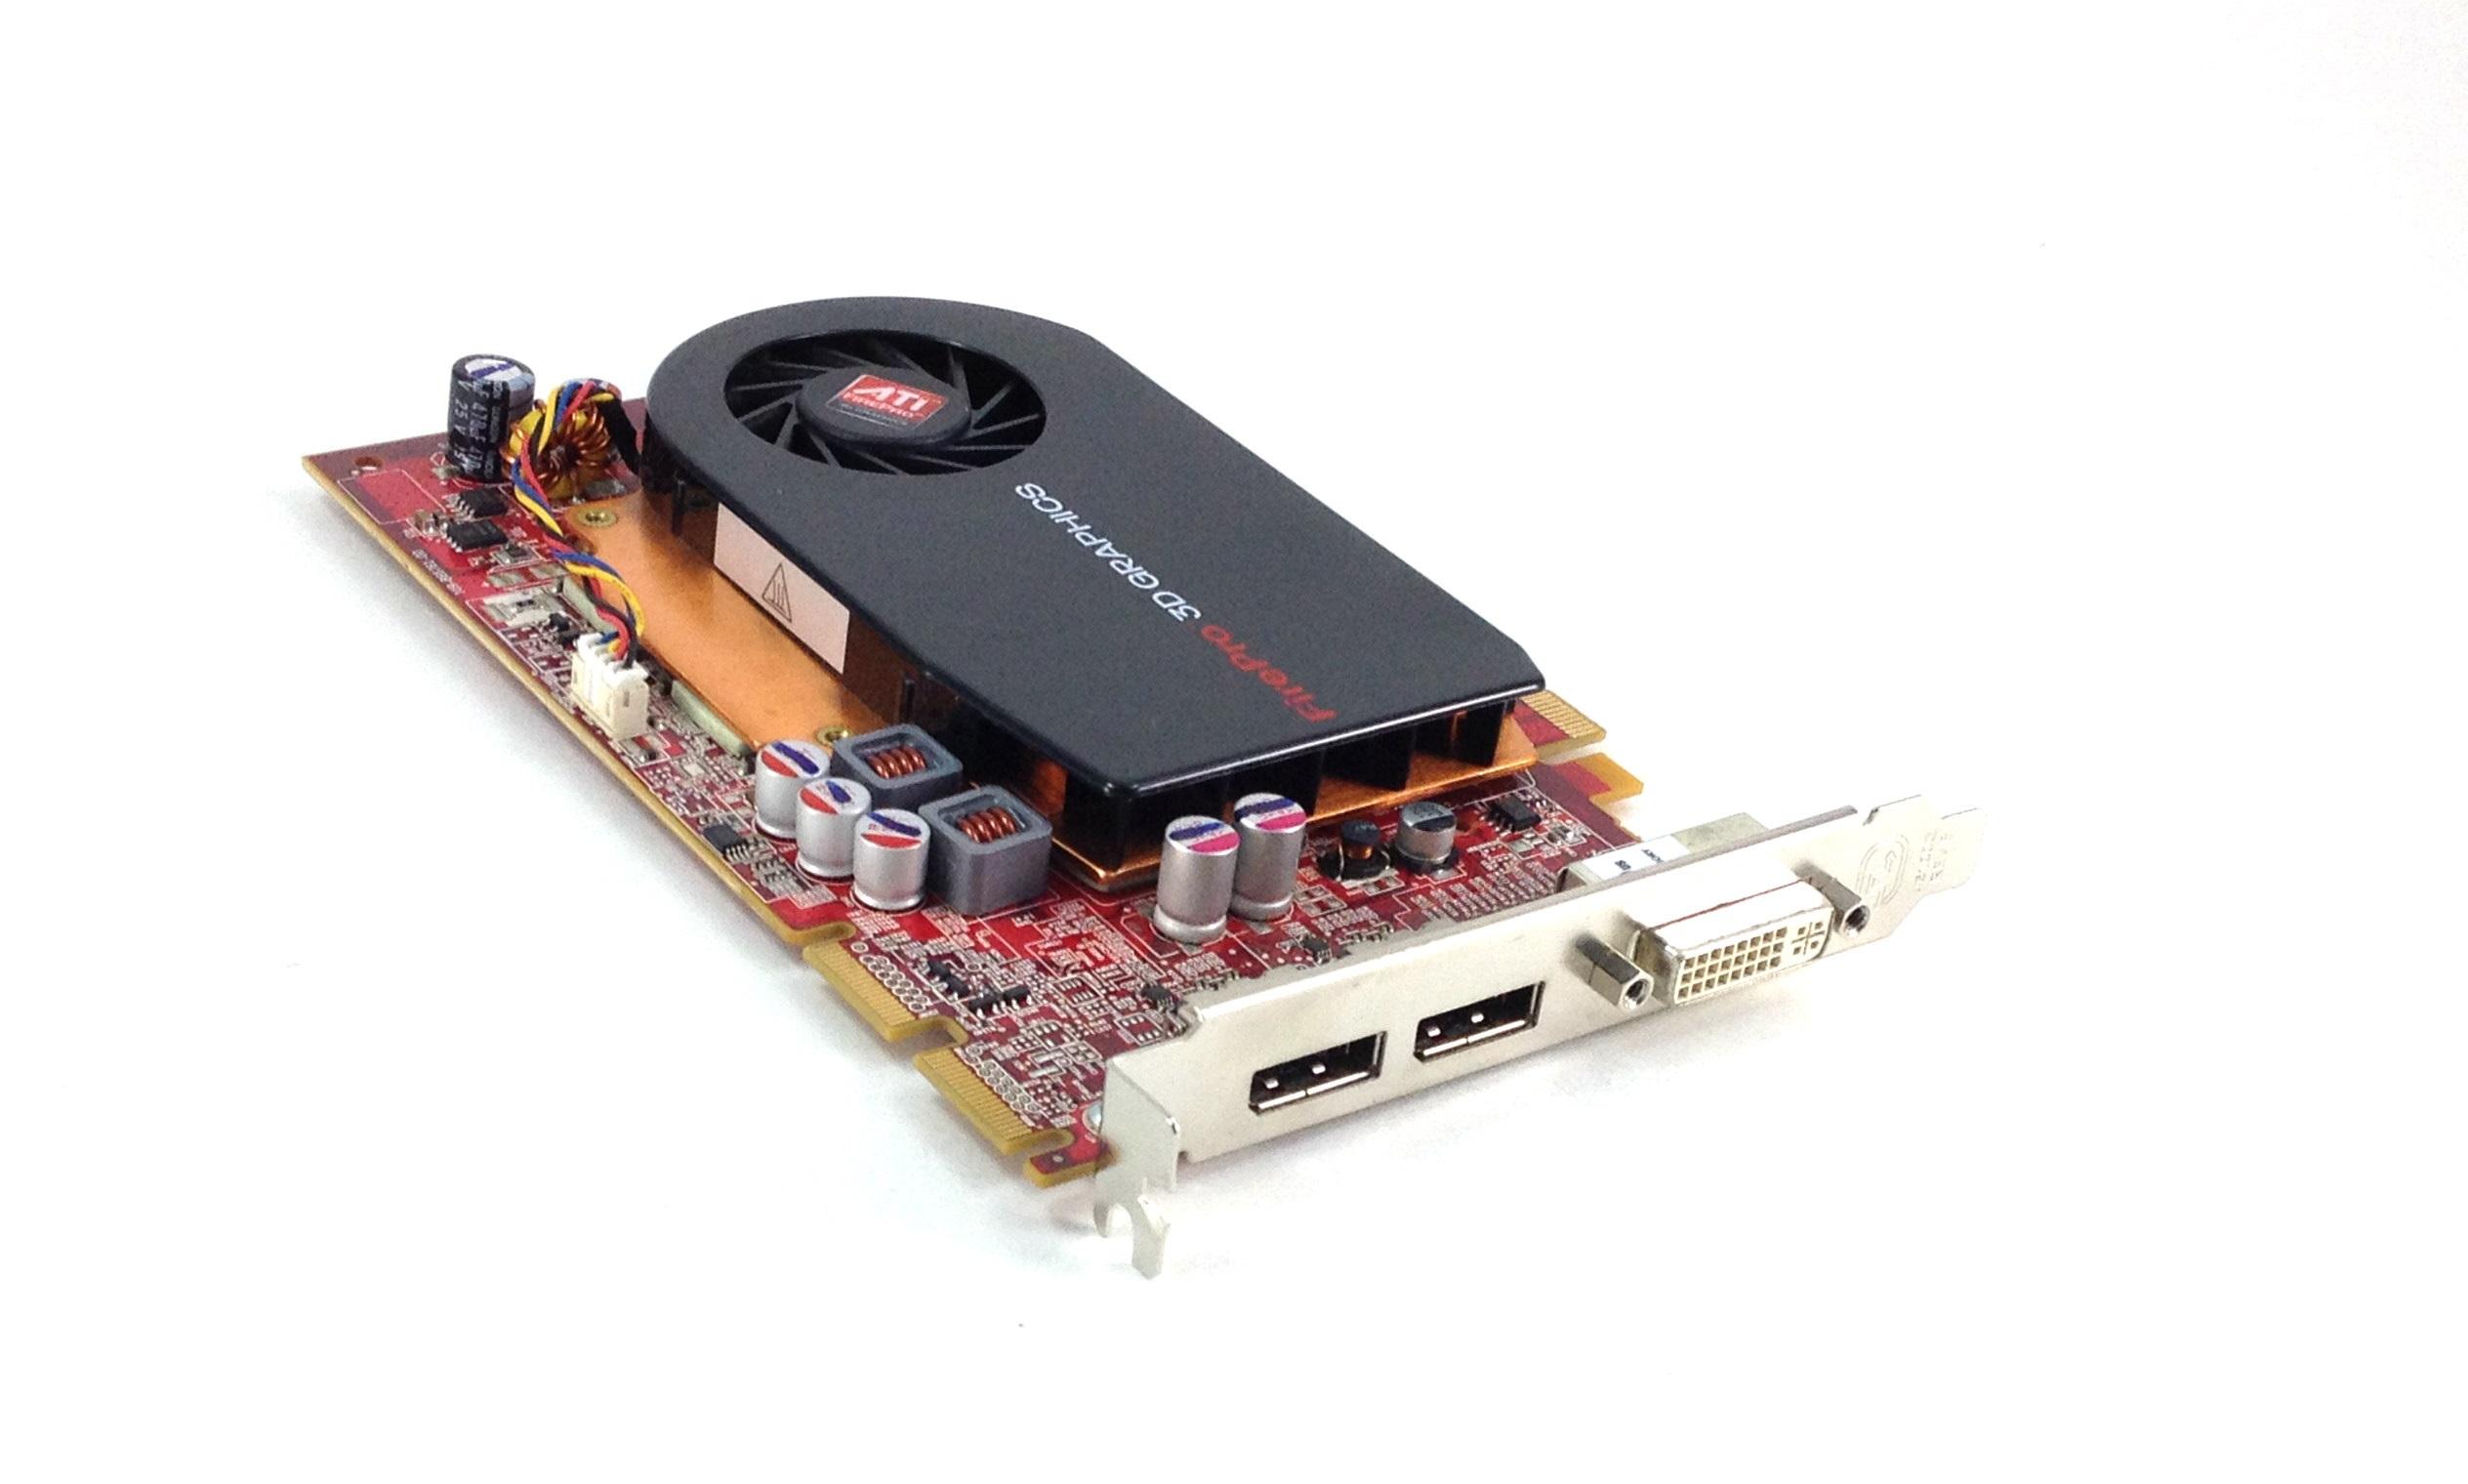 HP ATI FirePro V5700 512MB PCI-E Graphics Card (519292-001)